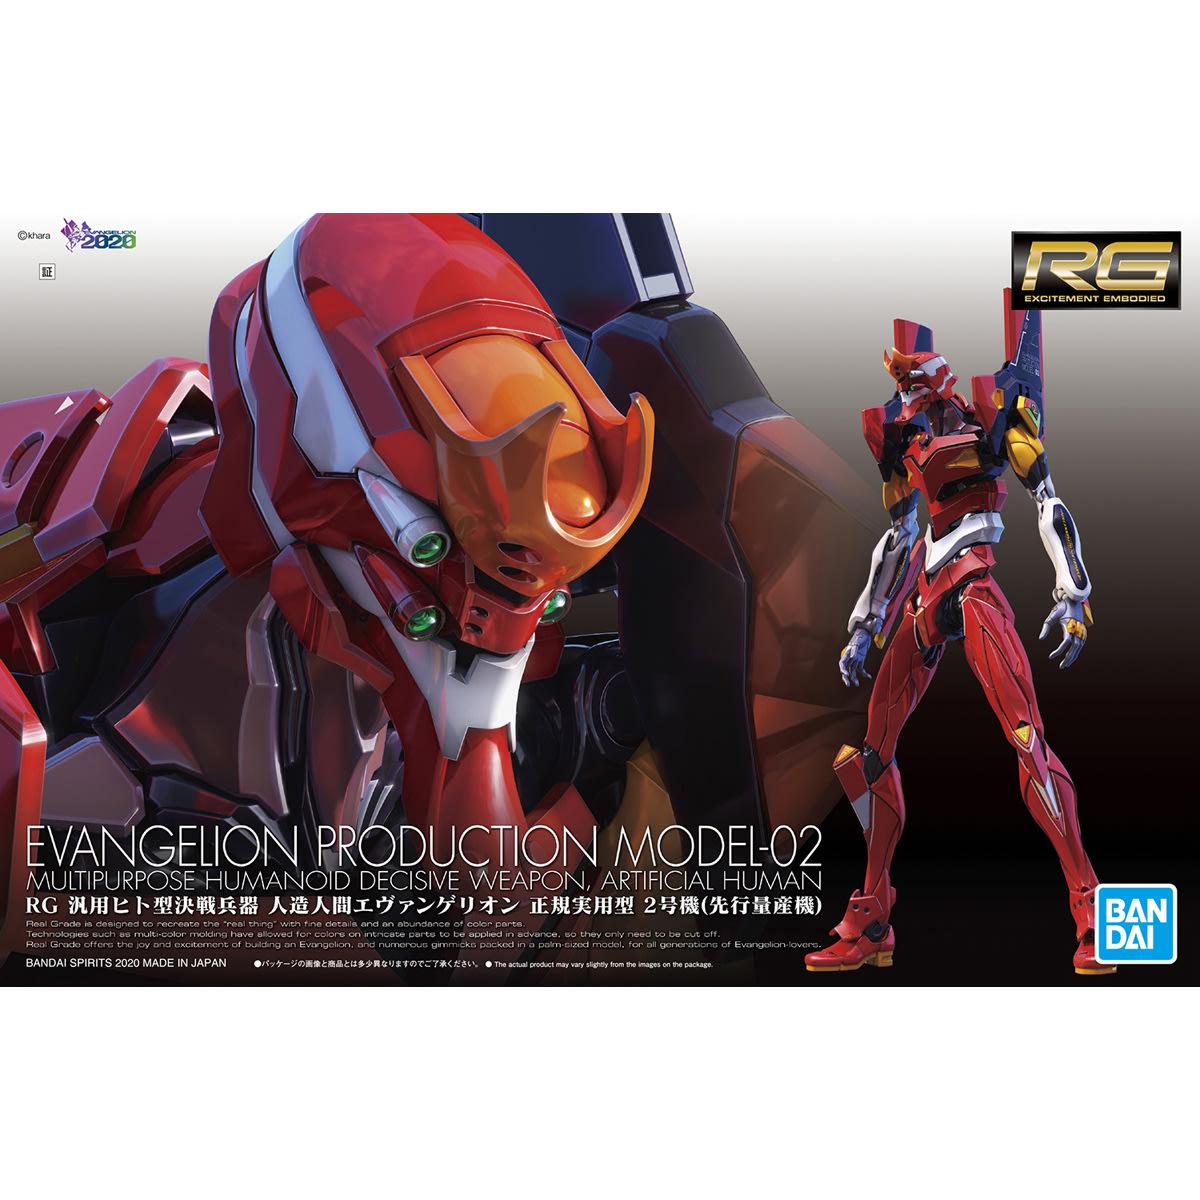 【鄭姐的店】日本 BANDAI 1/144 RG通用人型決戰兵器 人造人 EVA 正規實用型2號機(先行量産機)